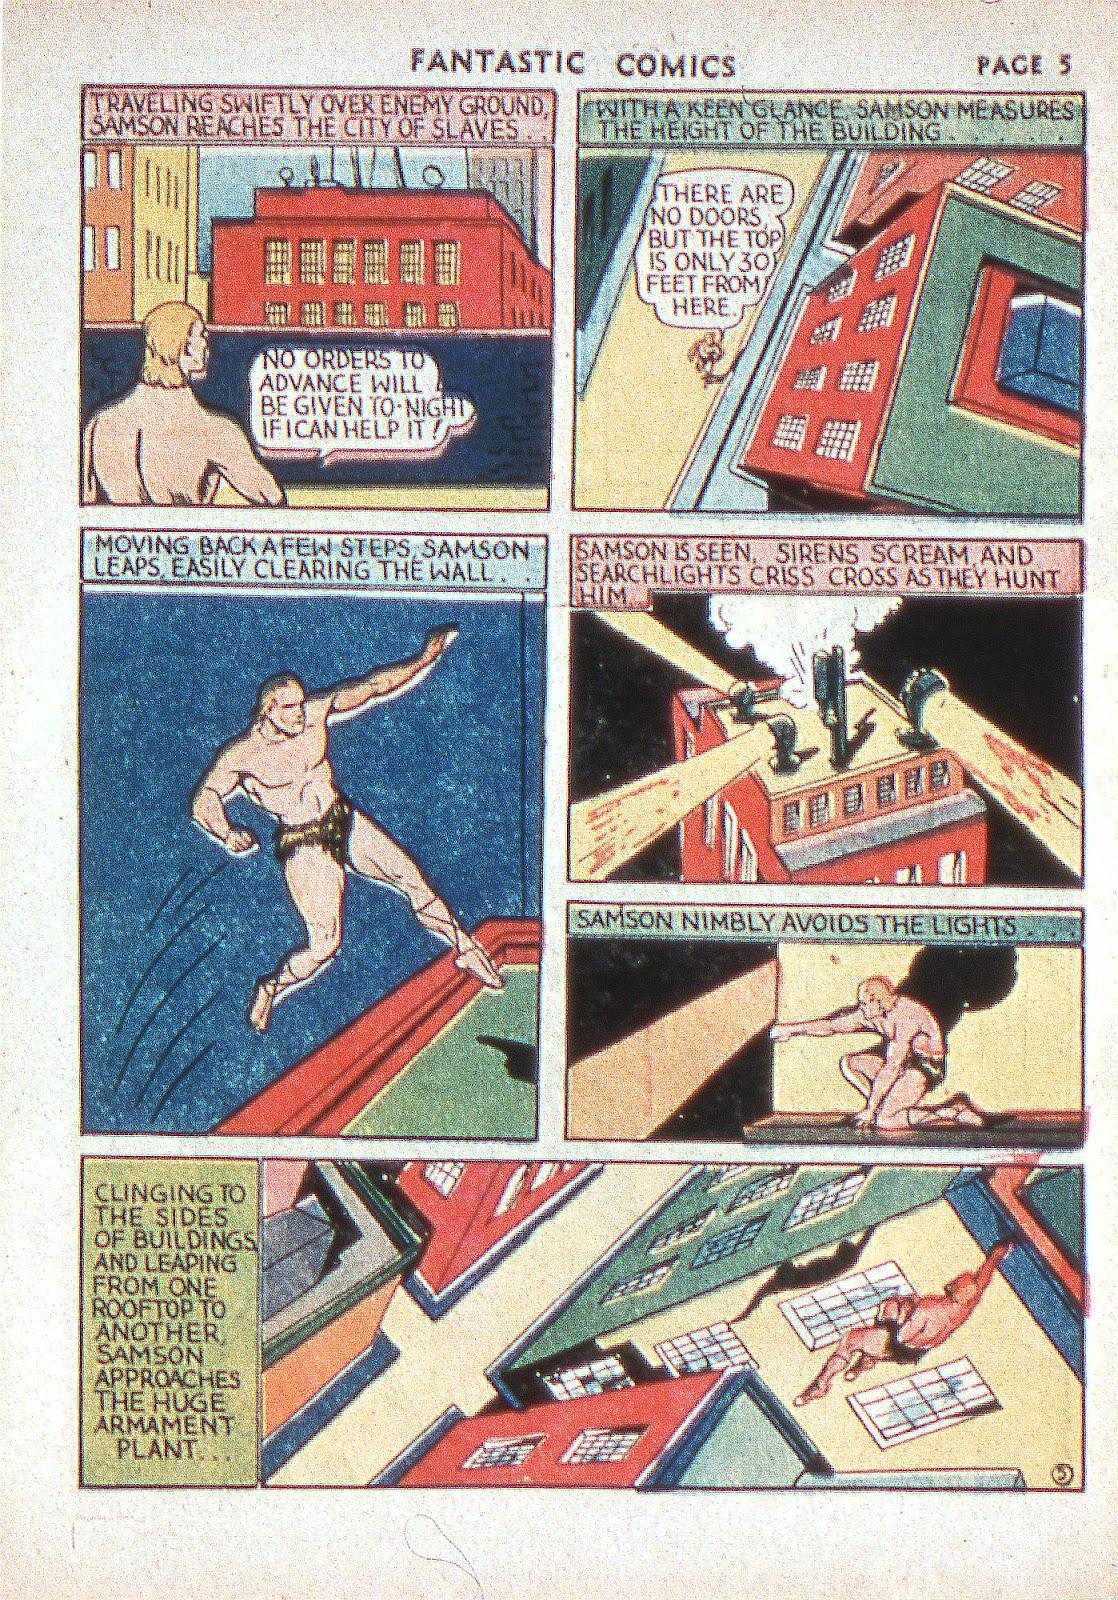 Read online Fantastic Comics comic -  Issue #2 - 7